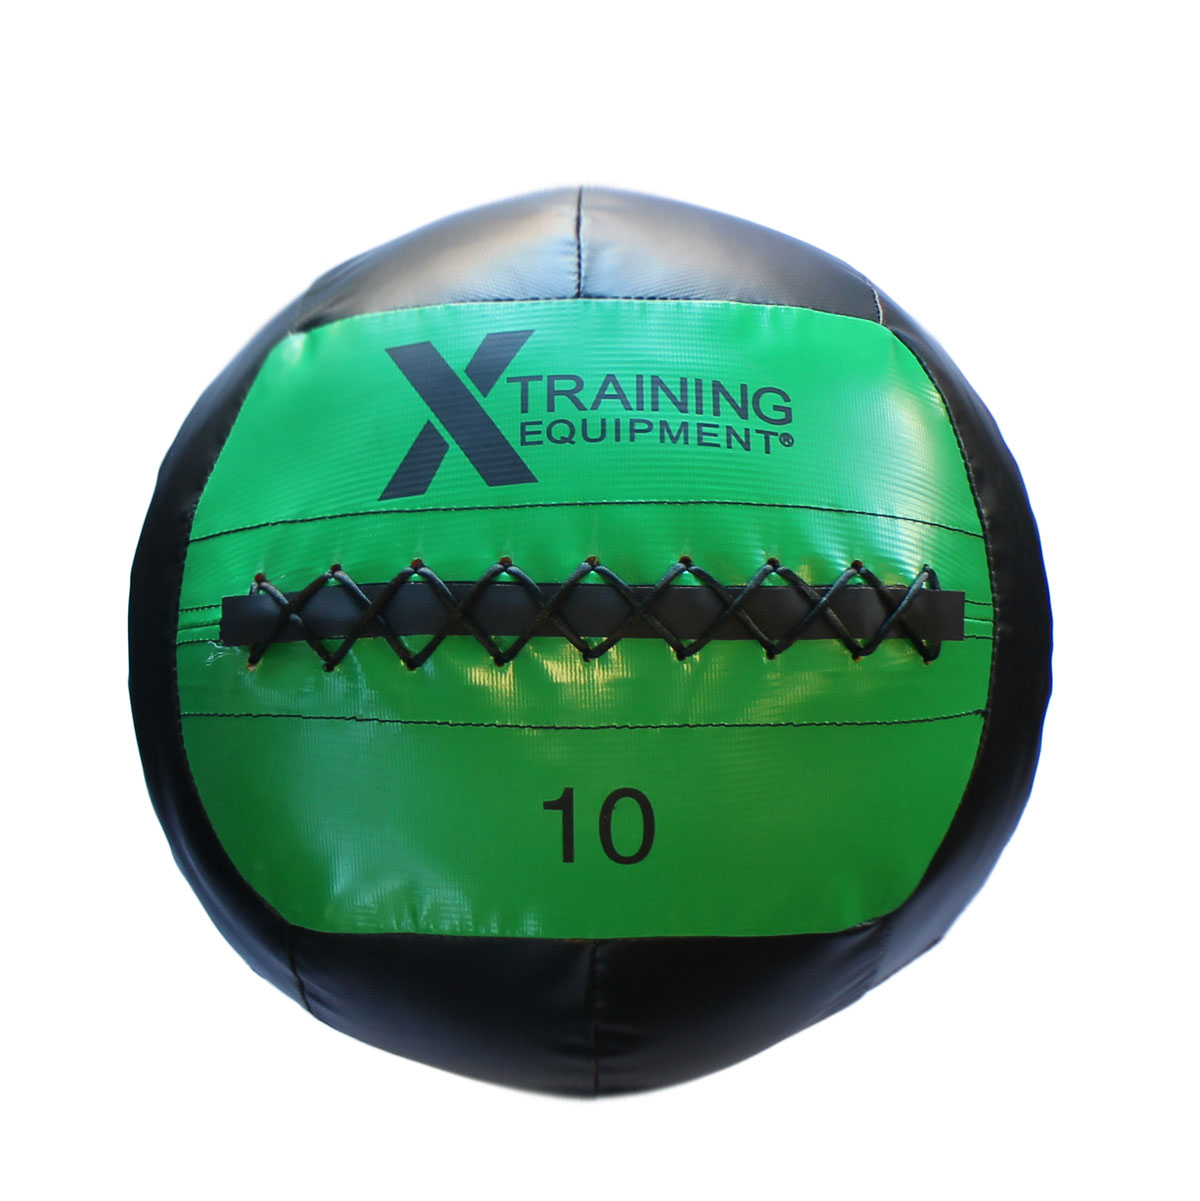 Wall Ball - 10LB - Pre-Order Now - ETA 3/24